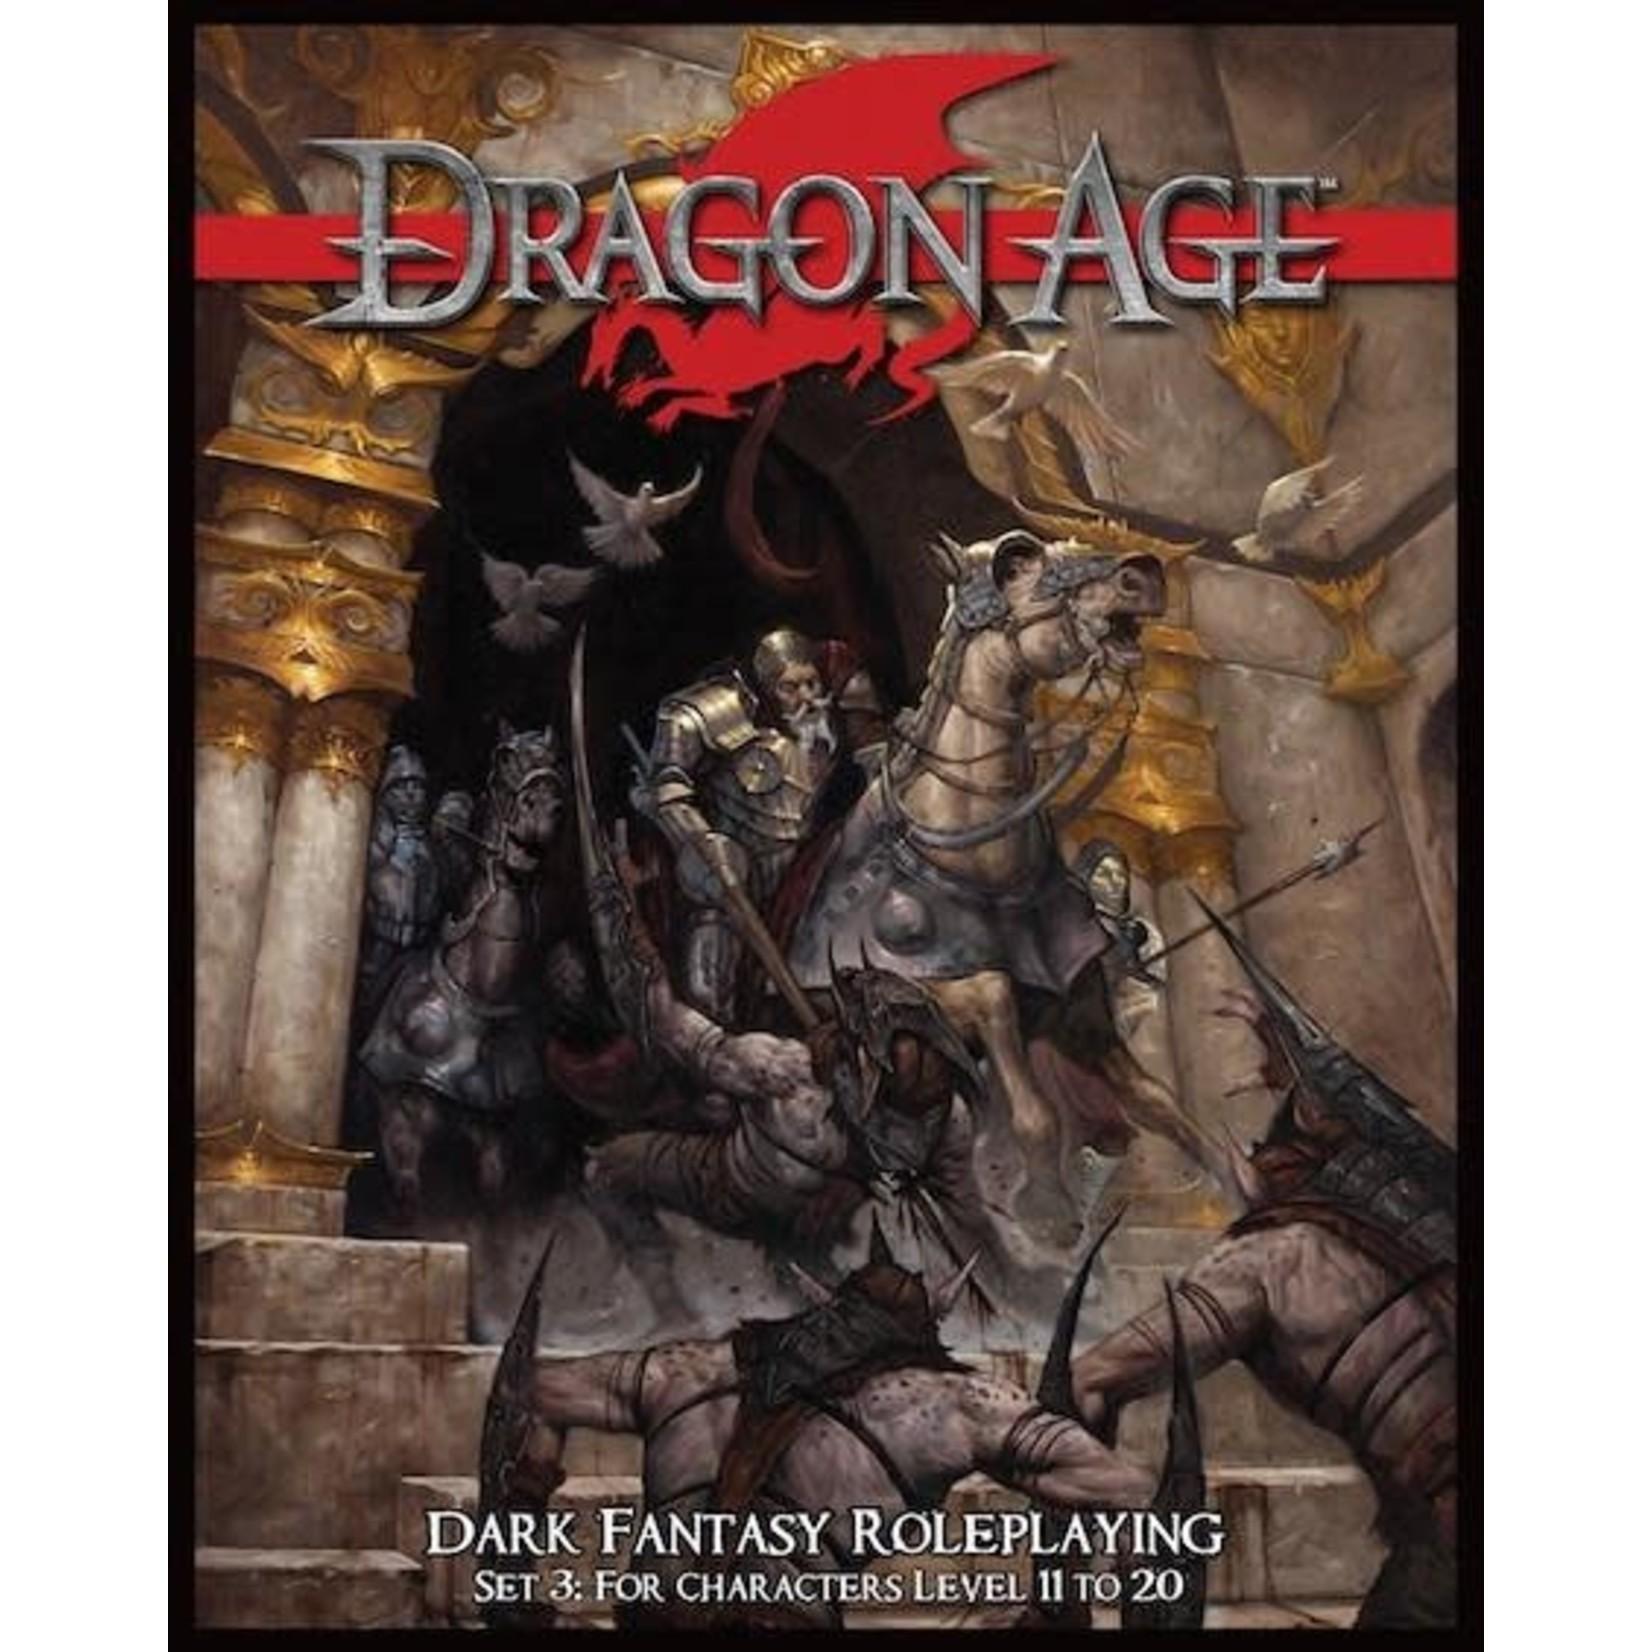 Dragon Age RPG Core Set 3